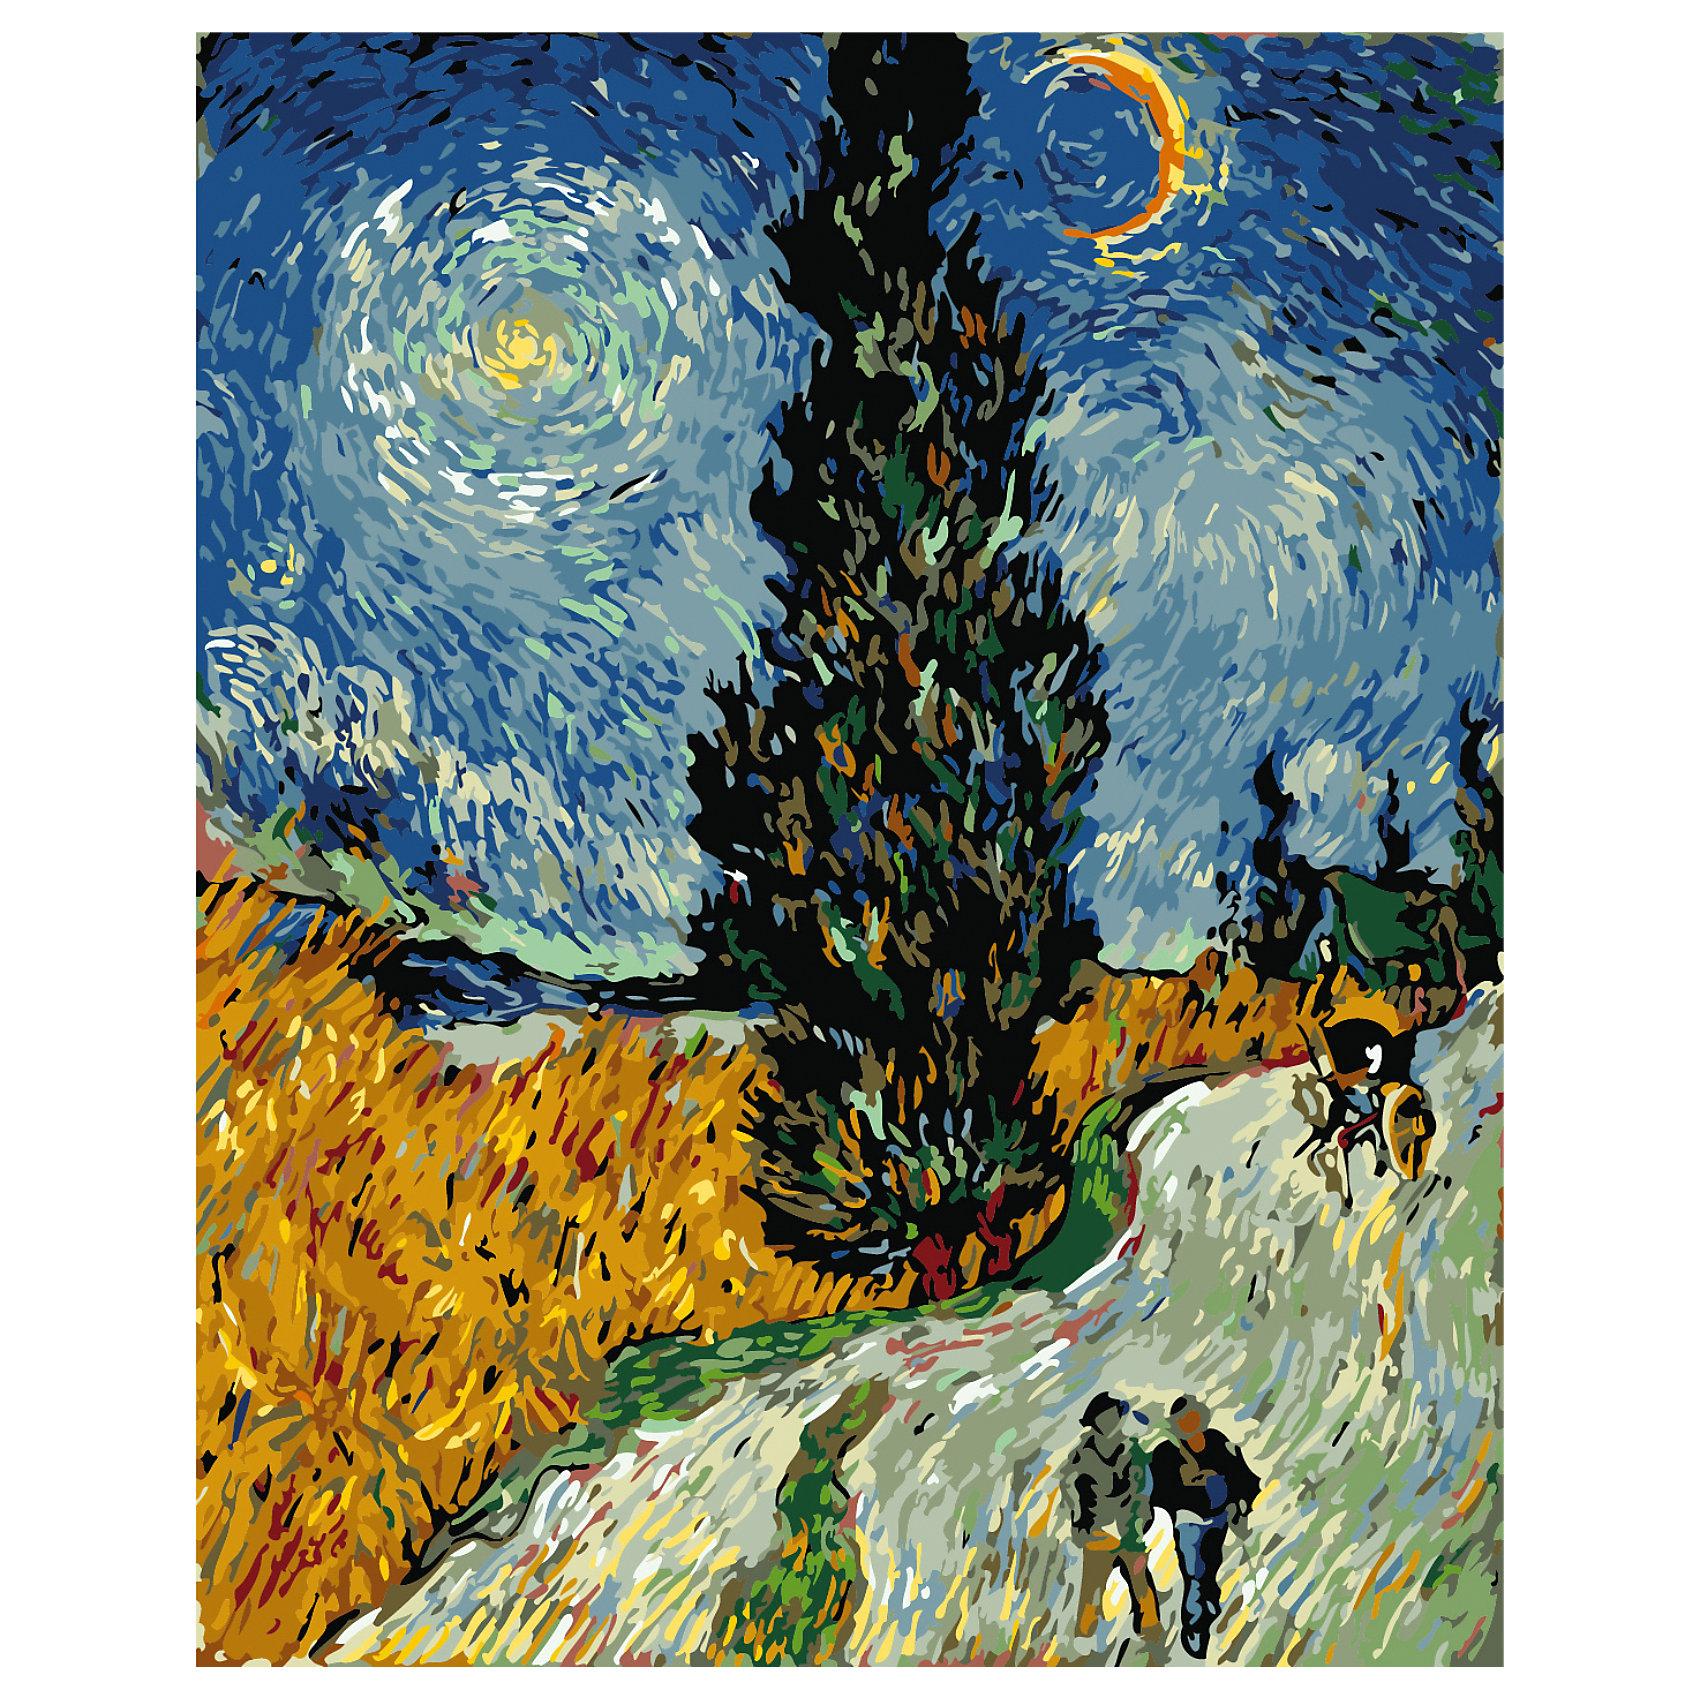 Роспись по номерам Кипарисы на фоне звездного неба Ван Гог, 40*50 смРисование<br>Характеристики:<br><br>• Предназначение: для занятий художественным творчеством <br>• Тематика: Природа<br>• Уровень сложности: средний<br>• Материал: дерево, бумага, акрил, пластик<br>• Комплектация: холст на подрамнике, кисти – 3 шт., акриловые краски, крепеж для картины, инструкция<br>• Размеры готовой картины (Ш*В): 50*40 см<br>• Размеры (Д*Ш*В): 42*52*2,5 см<br>• Вес: 500 г <br>• Упаковка: картонная коробка<br><br>Роспись по номерам Кипарисы на фоне звездного неба Ван Гог, 40*50 см – это набор для росписи картины акриловыми красками. Набор для творчества состоит из холста, натянутого на подрамник. На холст нанесен принт с контурами элементов и указанием номера красок. В наборе предусмотрены кисточки, акриловые краски и держатель для картины. Уникальность набора заключается в том, что для получения необходимого оттенка краски смешивать не нужно, так как все оттенки предусмотрены в комплектации. На схему нанесено изображение по мотивам картин Ван Гога.<br><br>Роспись по номерам Кипарисы на фоне звездного неба Ван Гог, 40*50 см можно купить в нашем интернет-магазине.<br><br>Ширина мм: 420<br>Глубина мм: 520<br>Высота мм: 25<br>Вес г: 500<br>Возраст от месяцев: 36<br>Возраст до месяцев: 2147483647<br>Пол: Унисекс<br>Возраст: Детский<br>SKU: 5579738